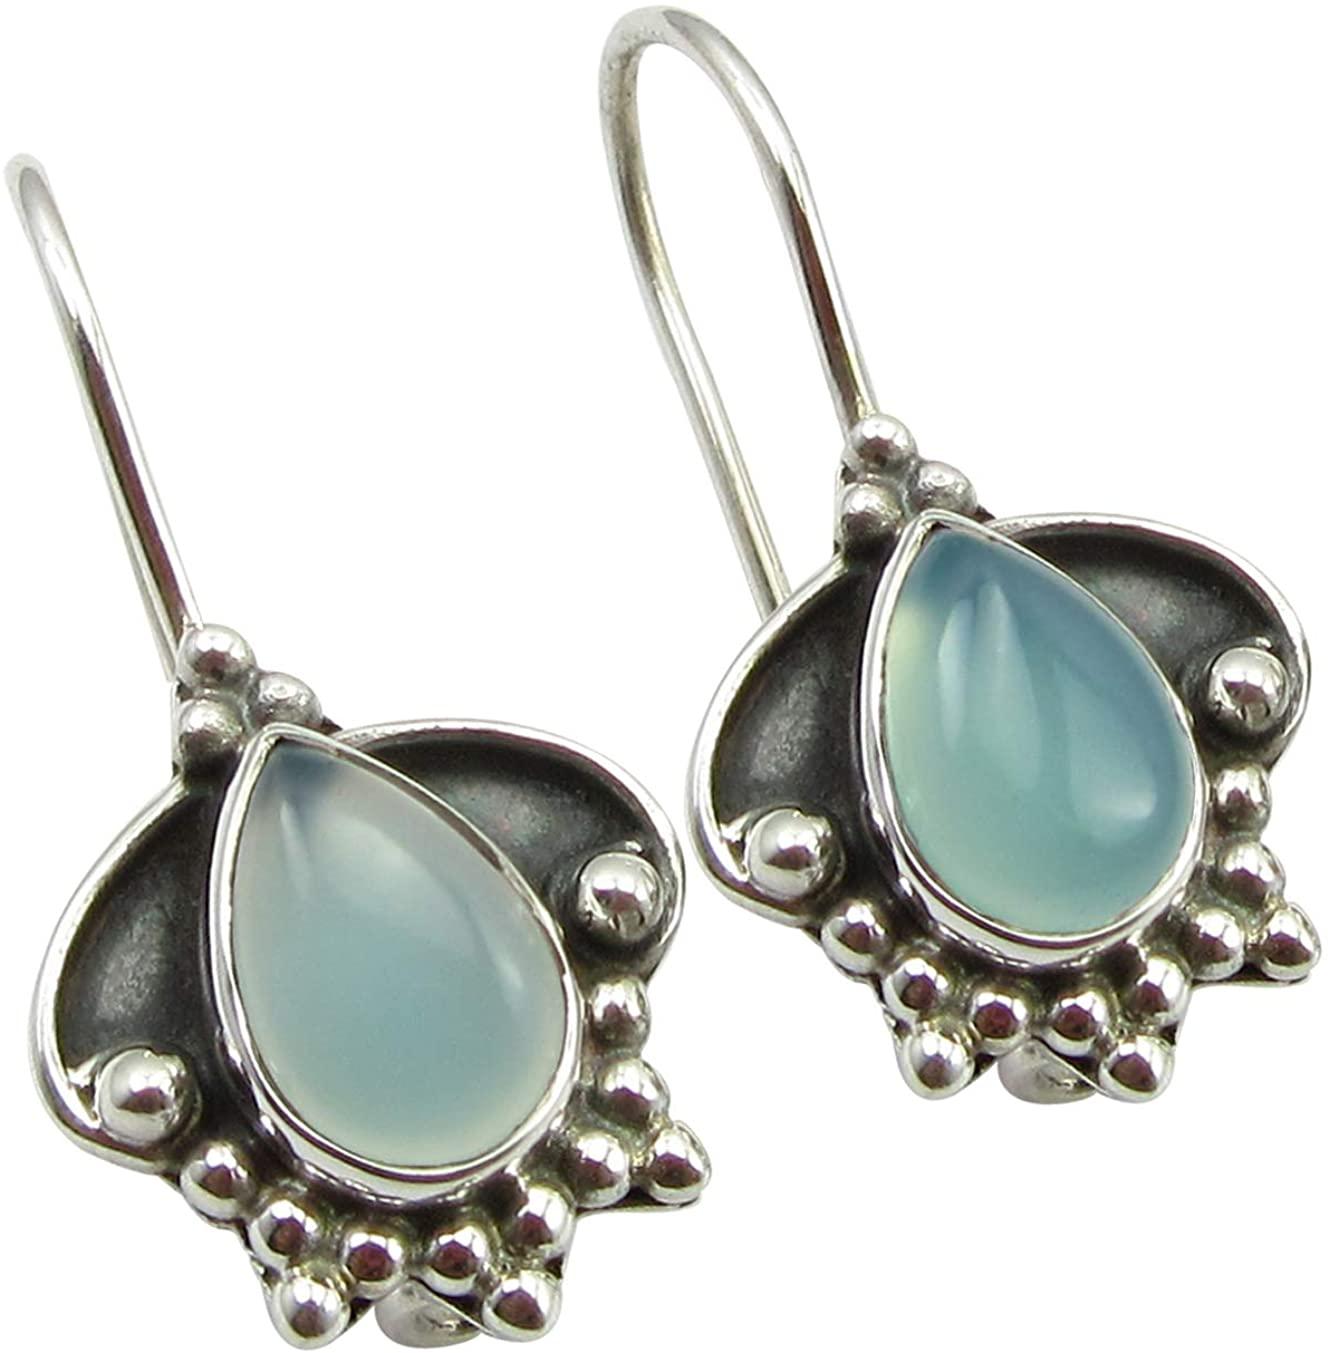 SilverStarJewel Natural Drop Chalcedony Tribal Style Earrings 1 925 Solid Sterling Silver